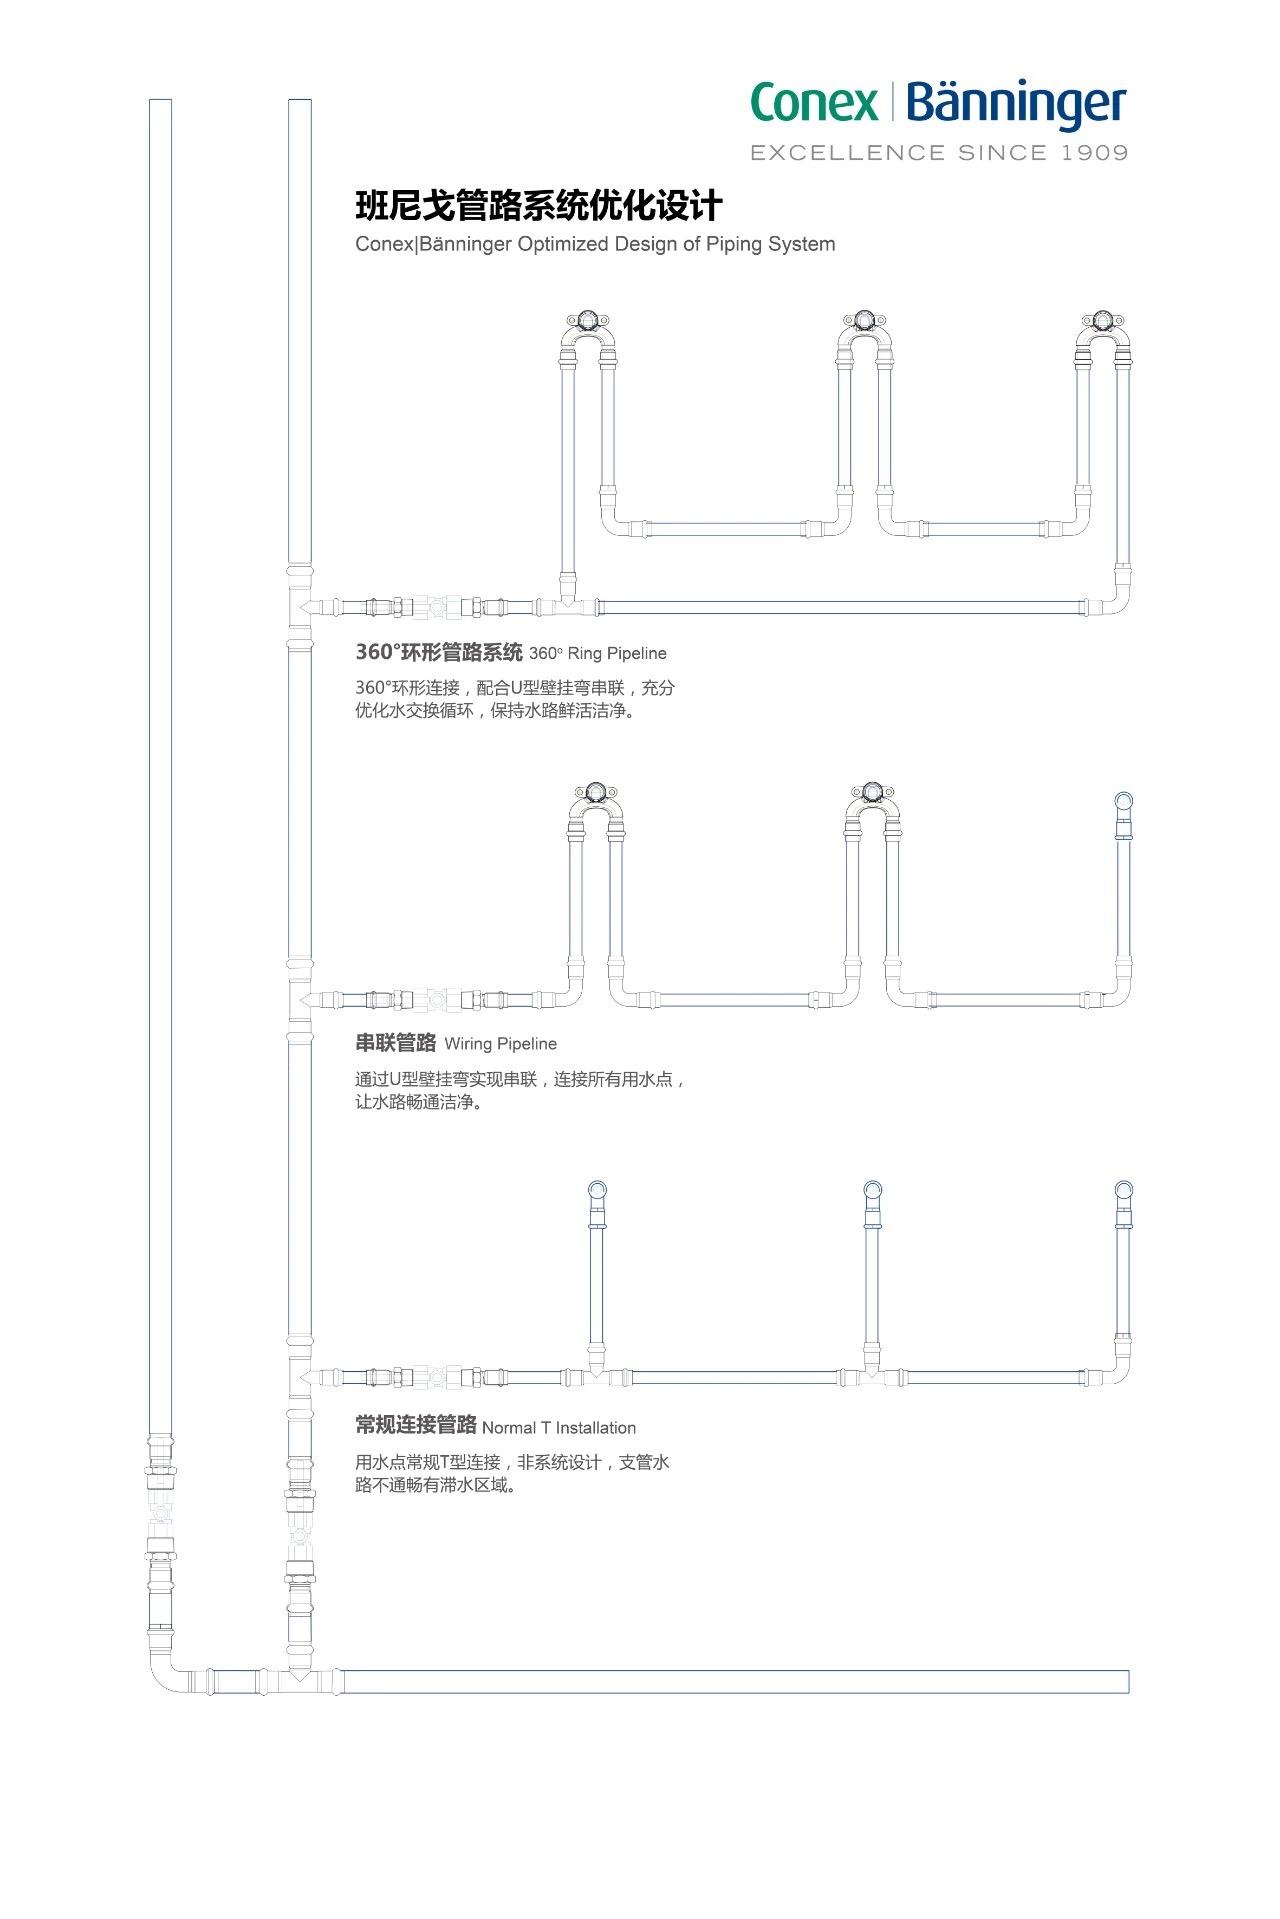 班尼戈阀门(太仓)有限公司 (太仓市双凤镇凤西街95号... - 名录集